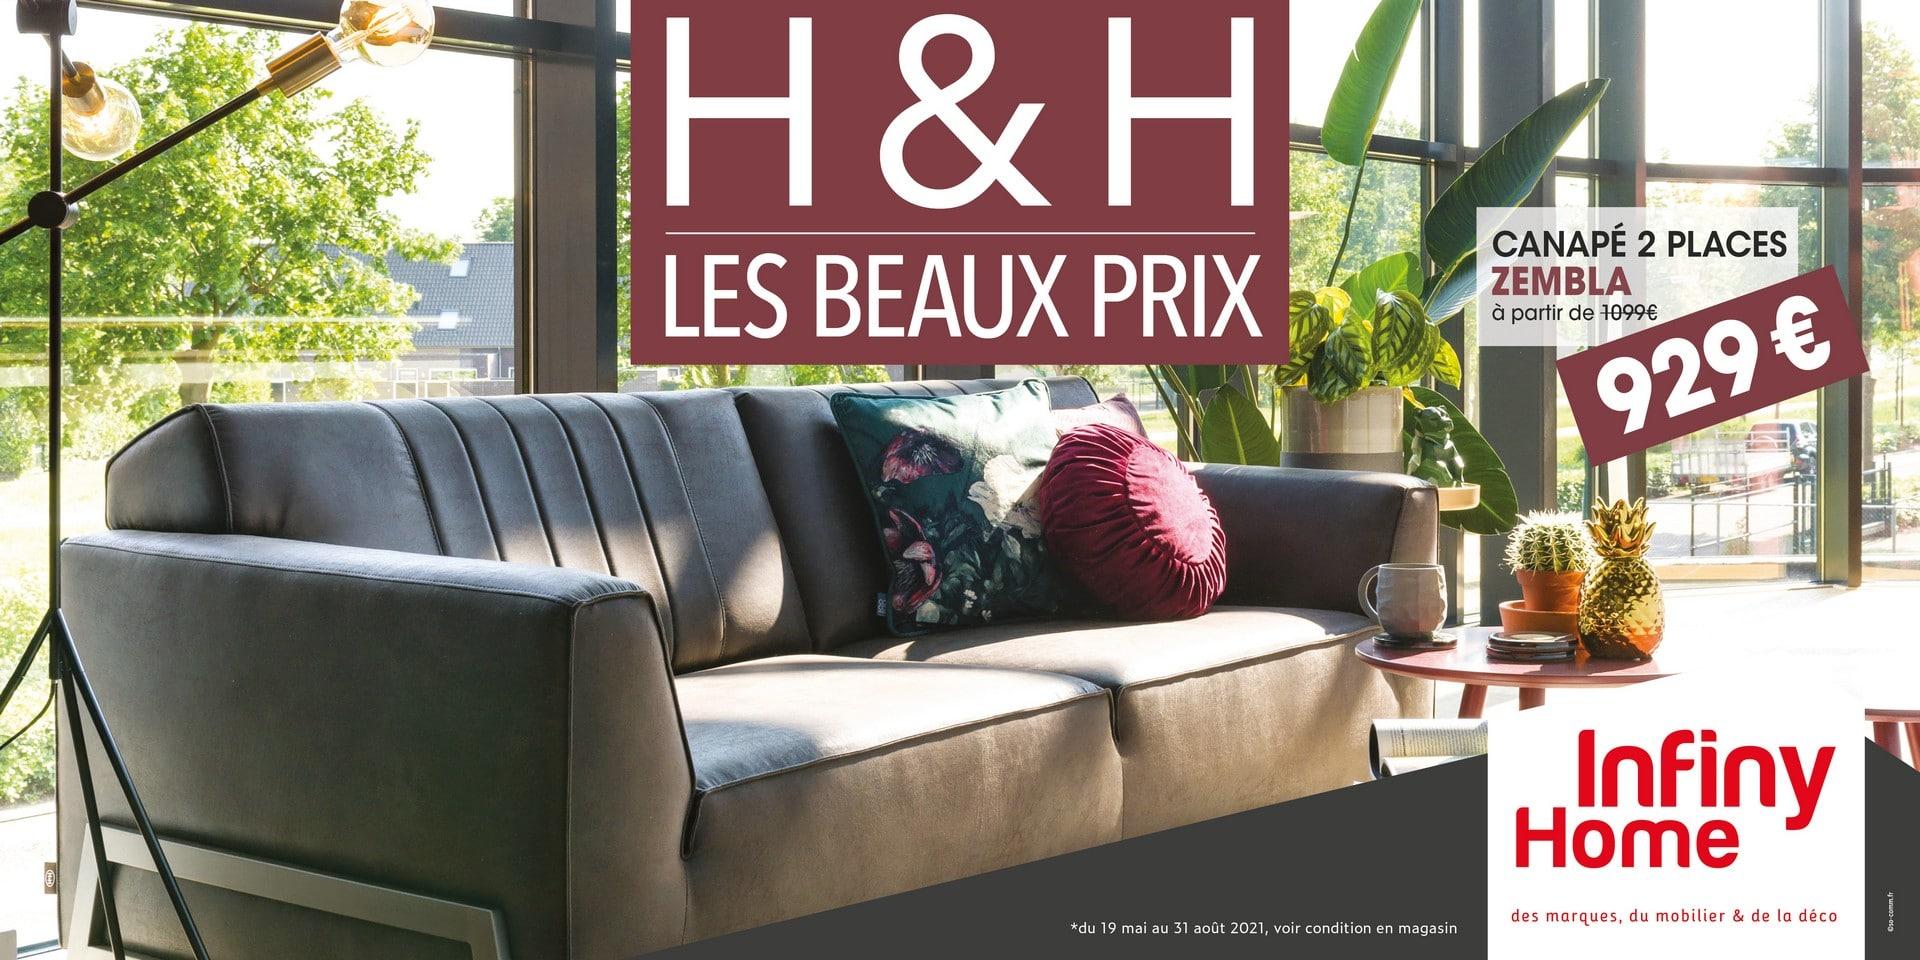 Les Beaux Prix H&H